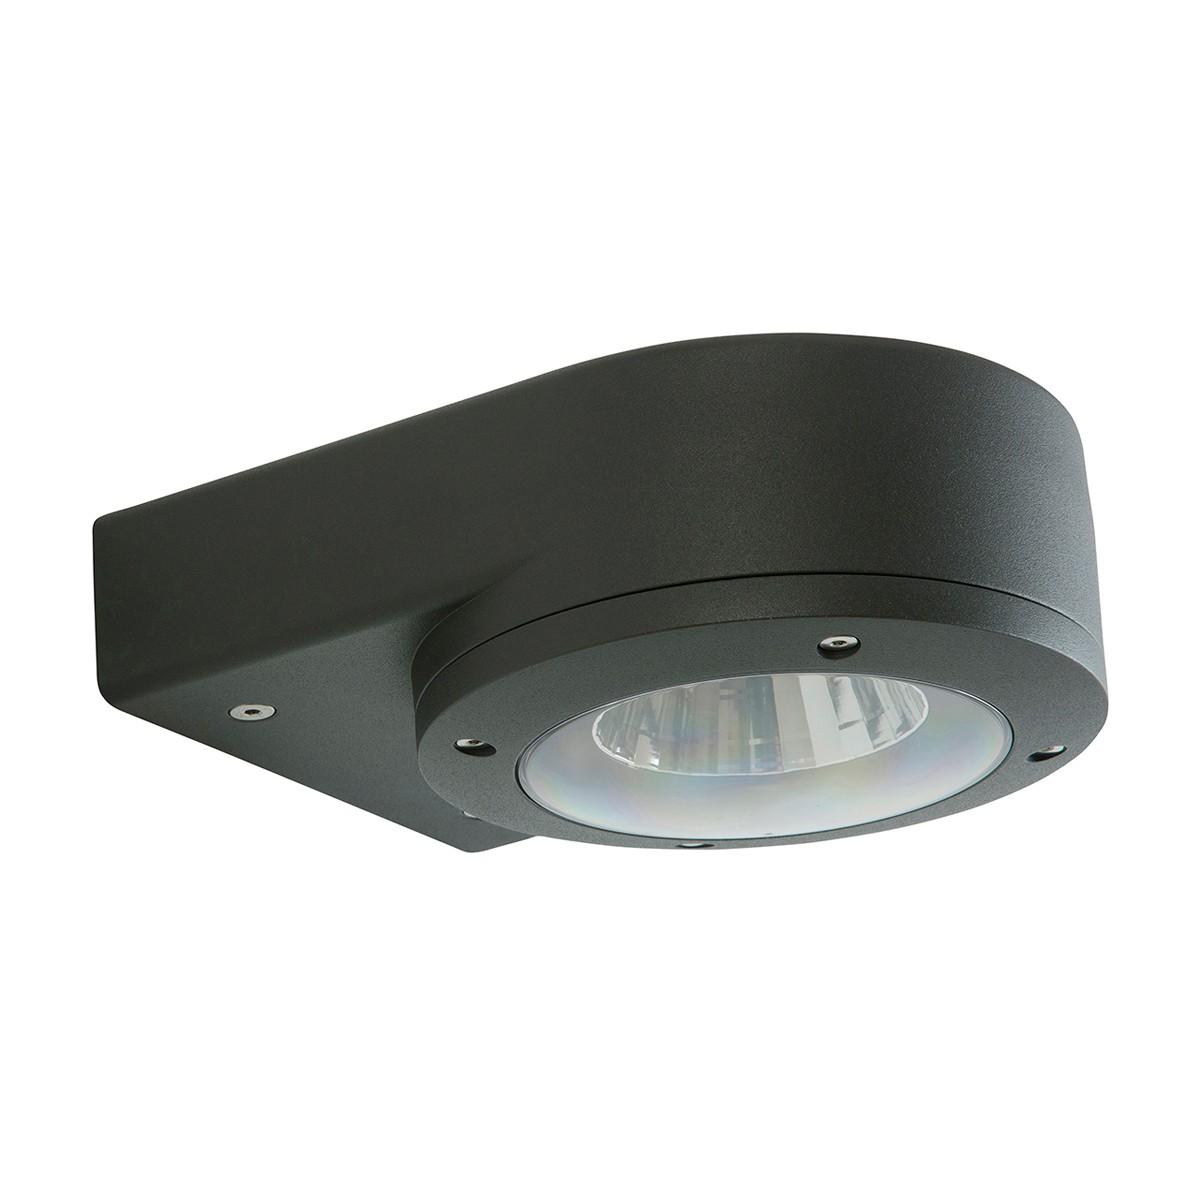 LCD Außenleuchten 1008/1009 LED Wandleuchte, graphit